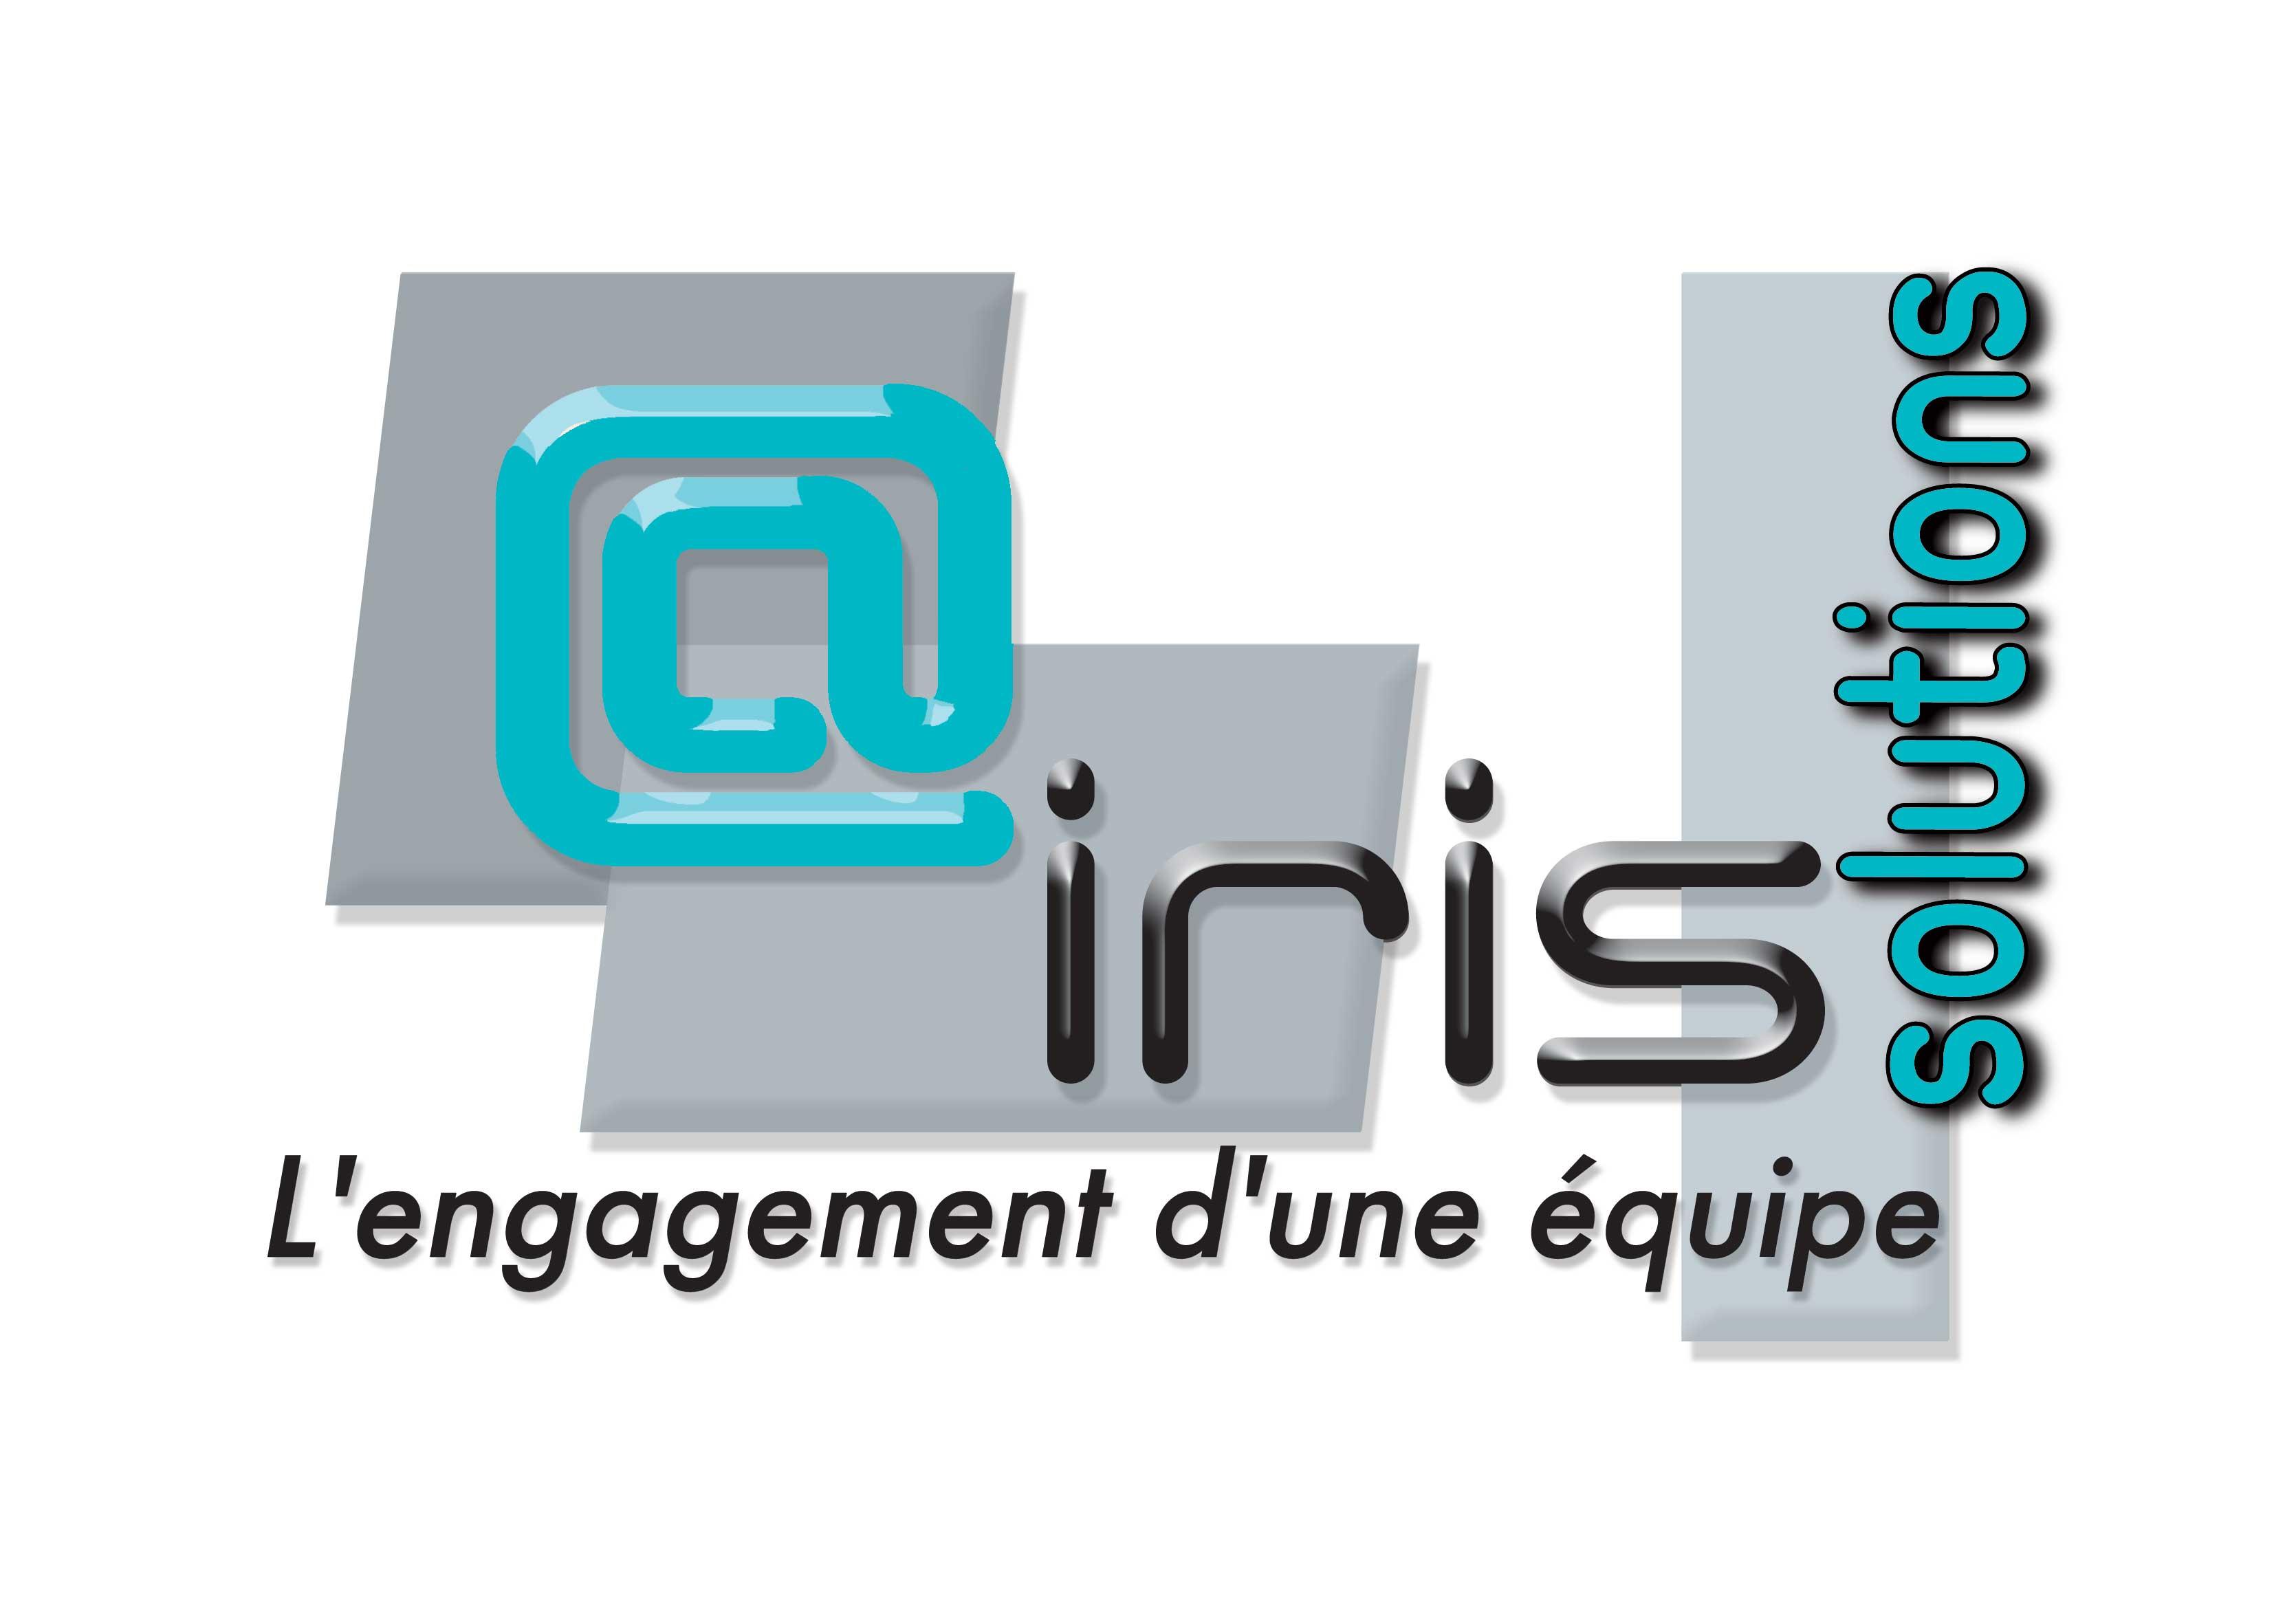 iris solutions informatique et bureautique (service, conseil, ingénierie, formation)